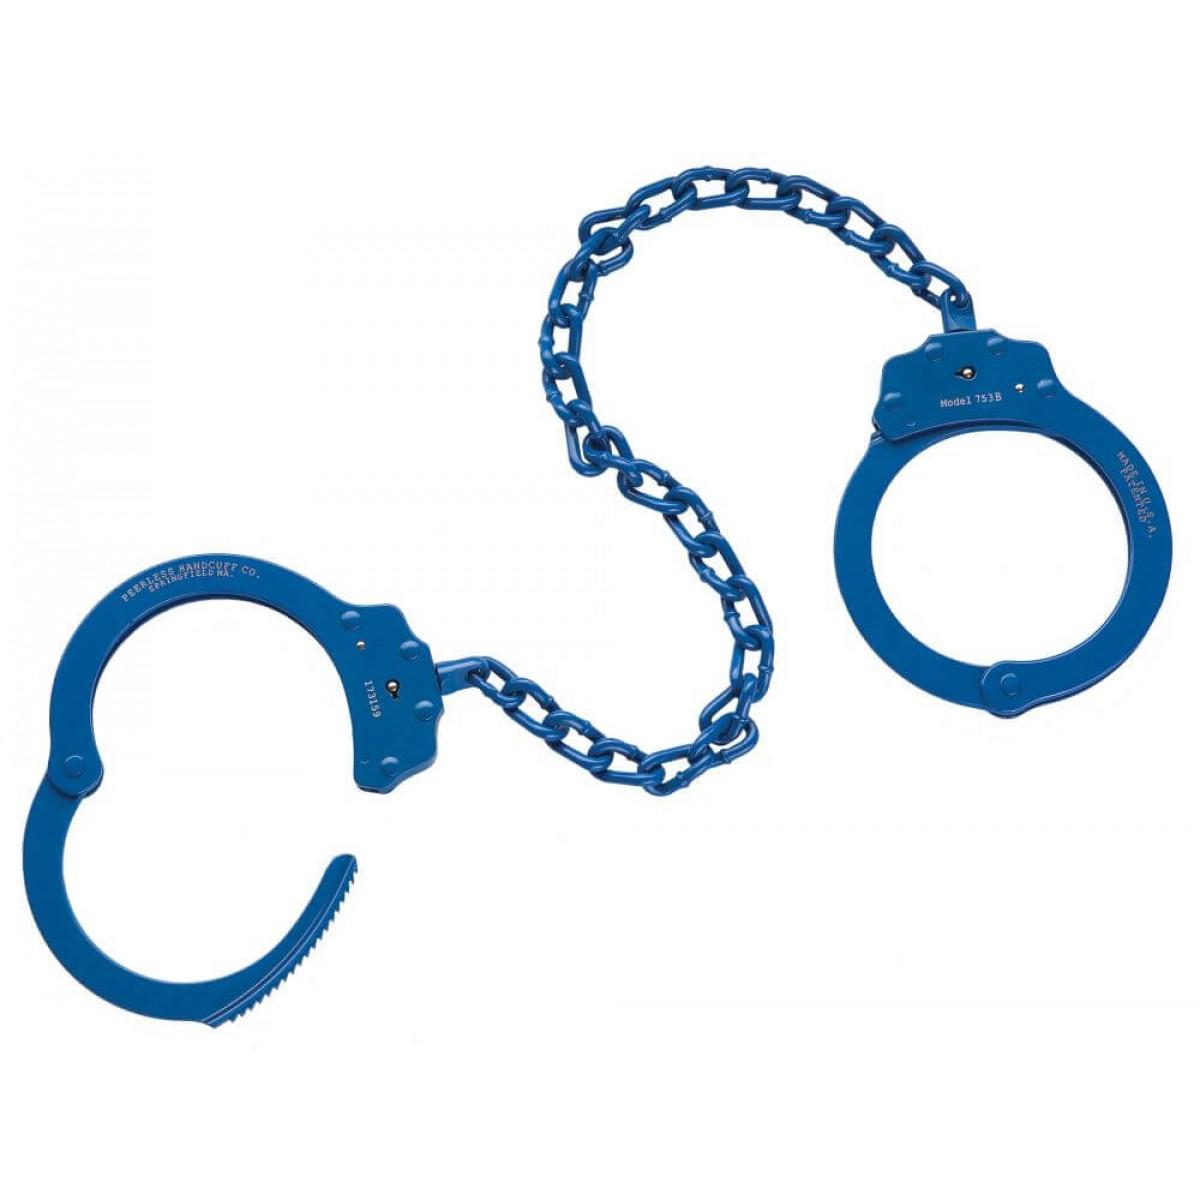 Как правильно надеть, открыть и снять наручники без ключа? 9